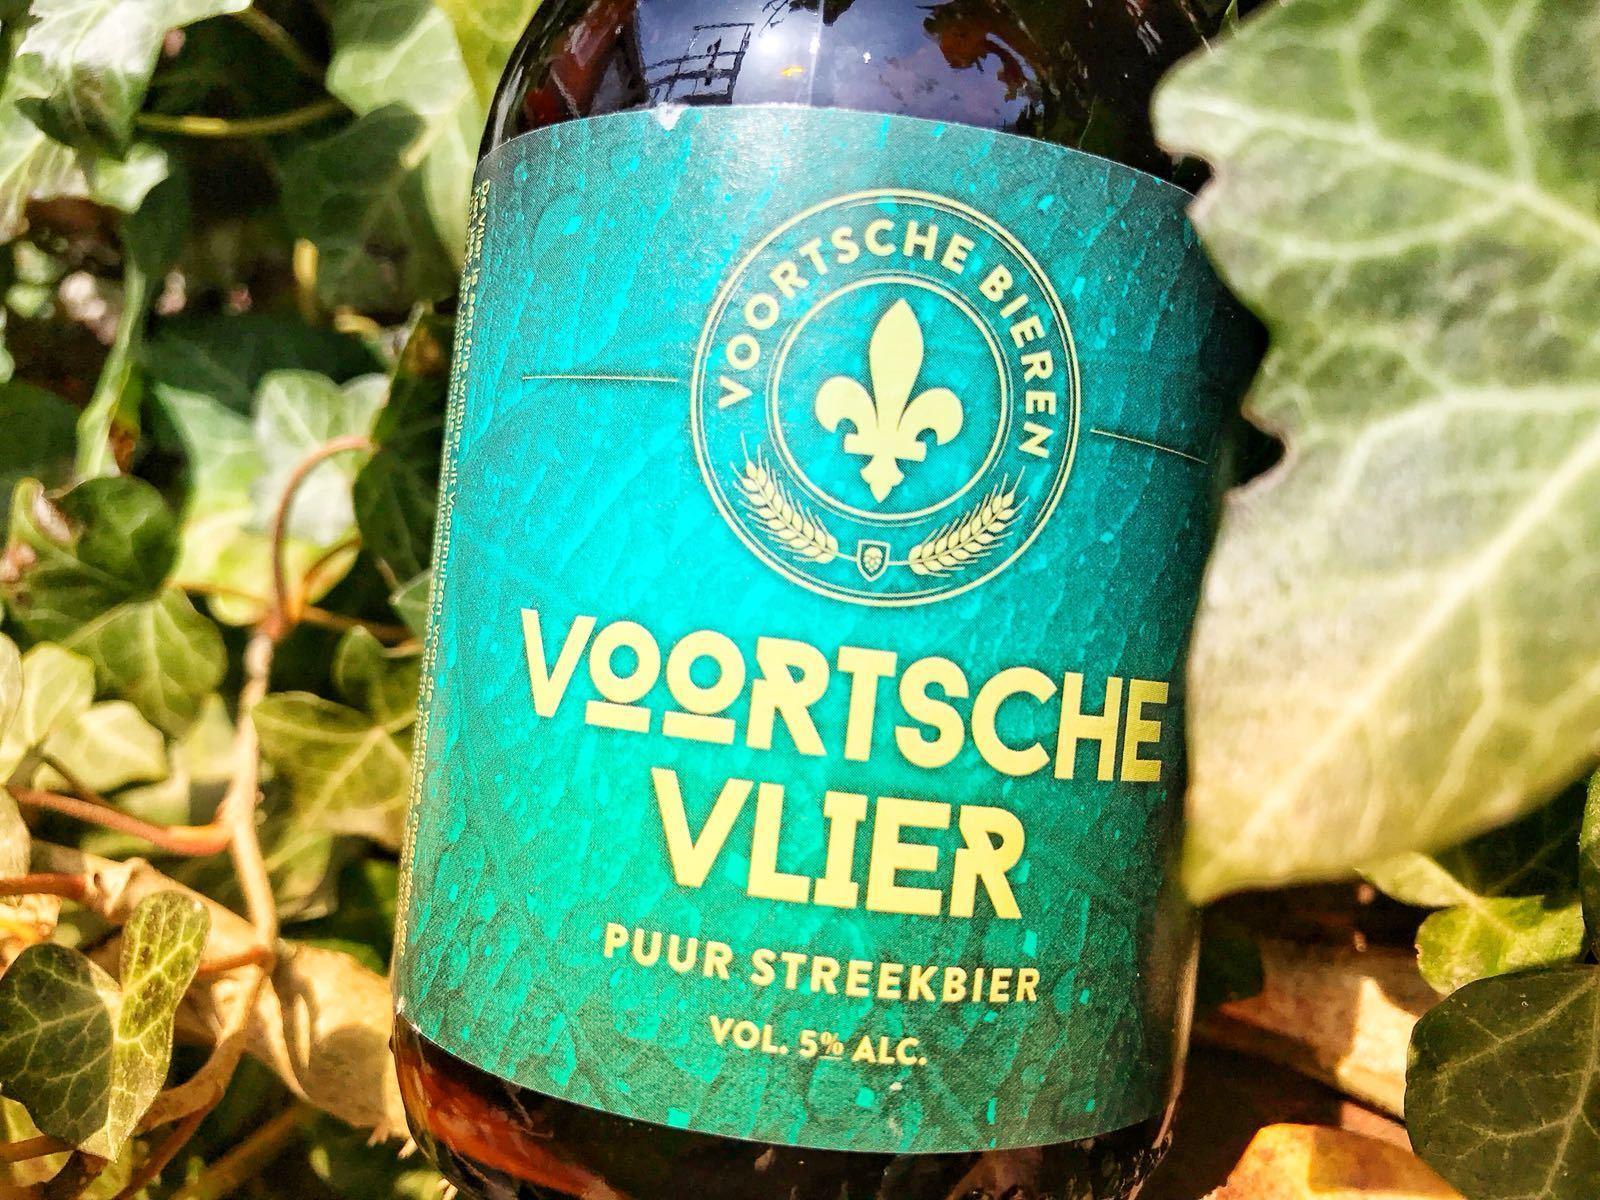 Voortsche Vlier van Voortsche Bieren